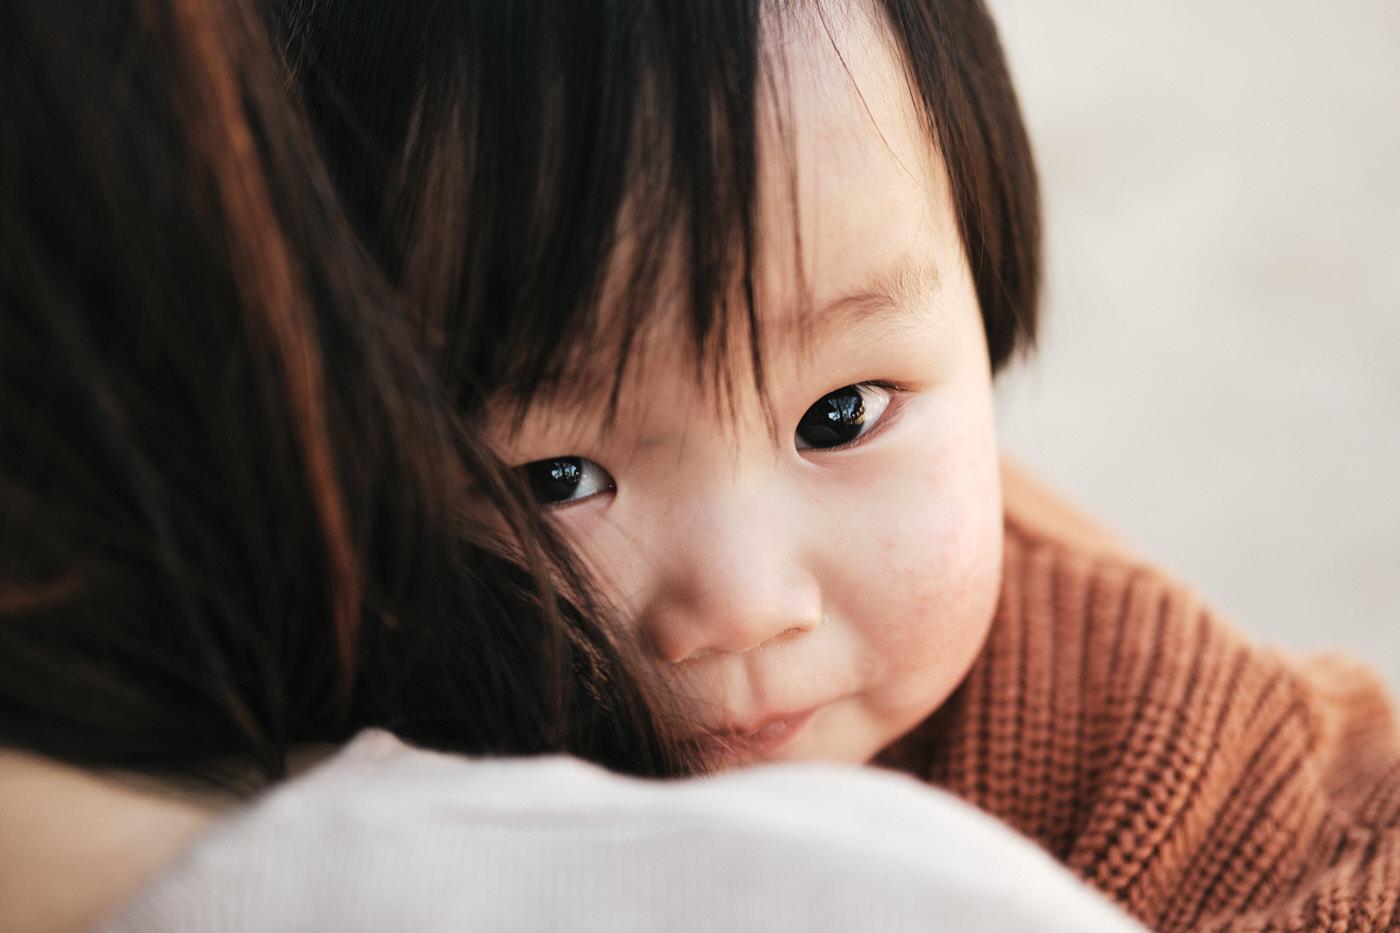 Soft - Korea Family Photographer